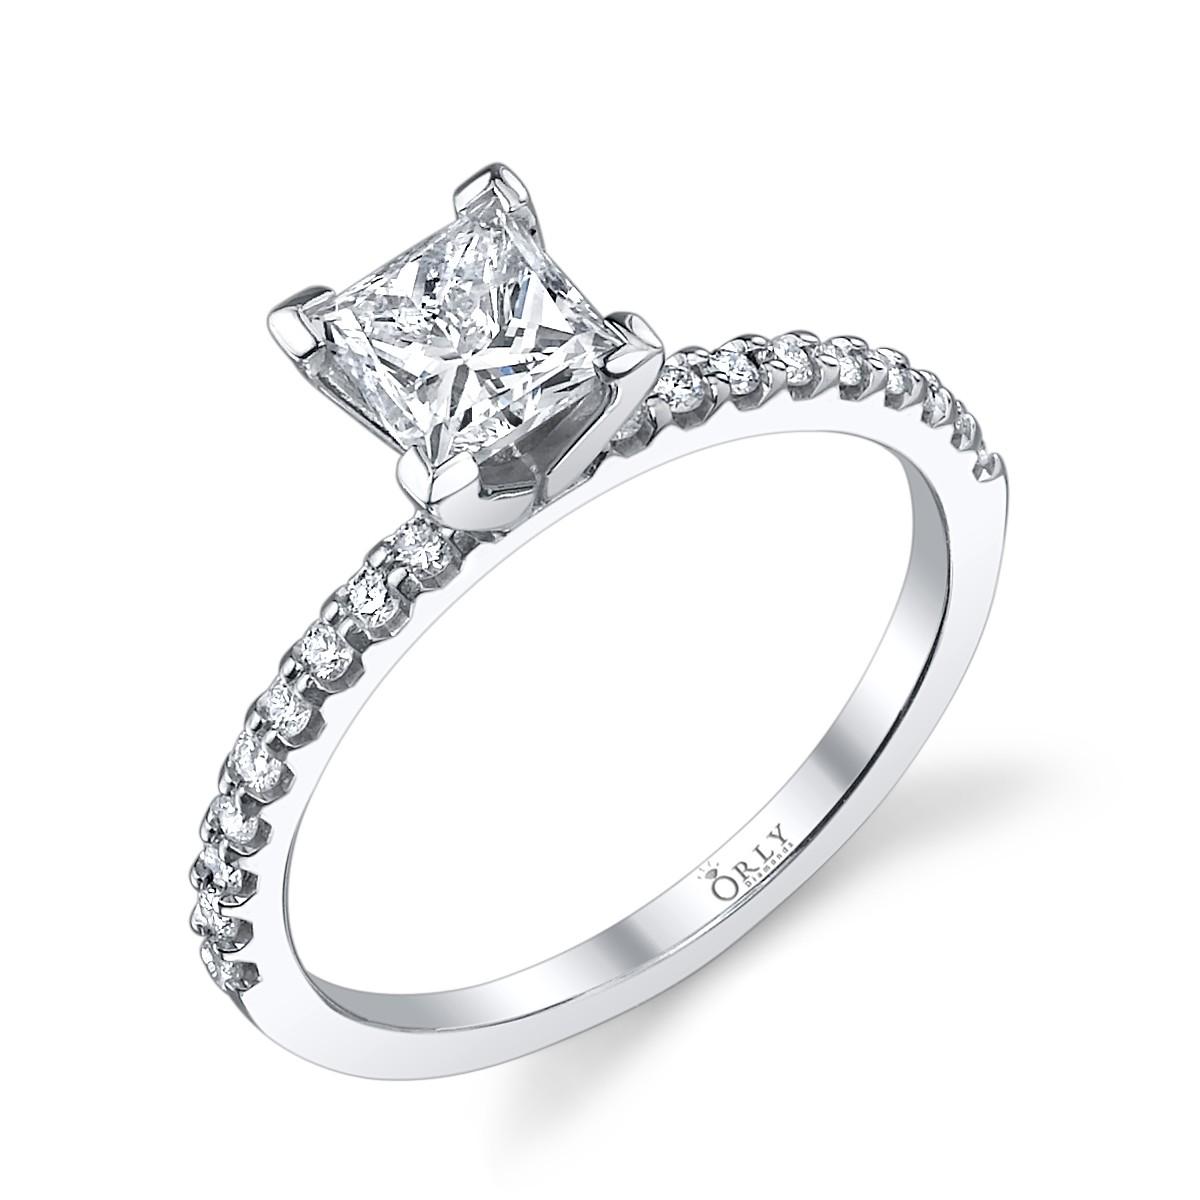 Princess Cut Diamond with Diamonds Shank .77 carats tw